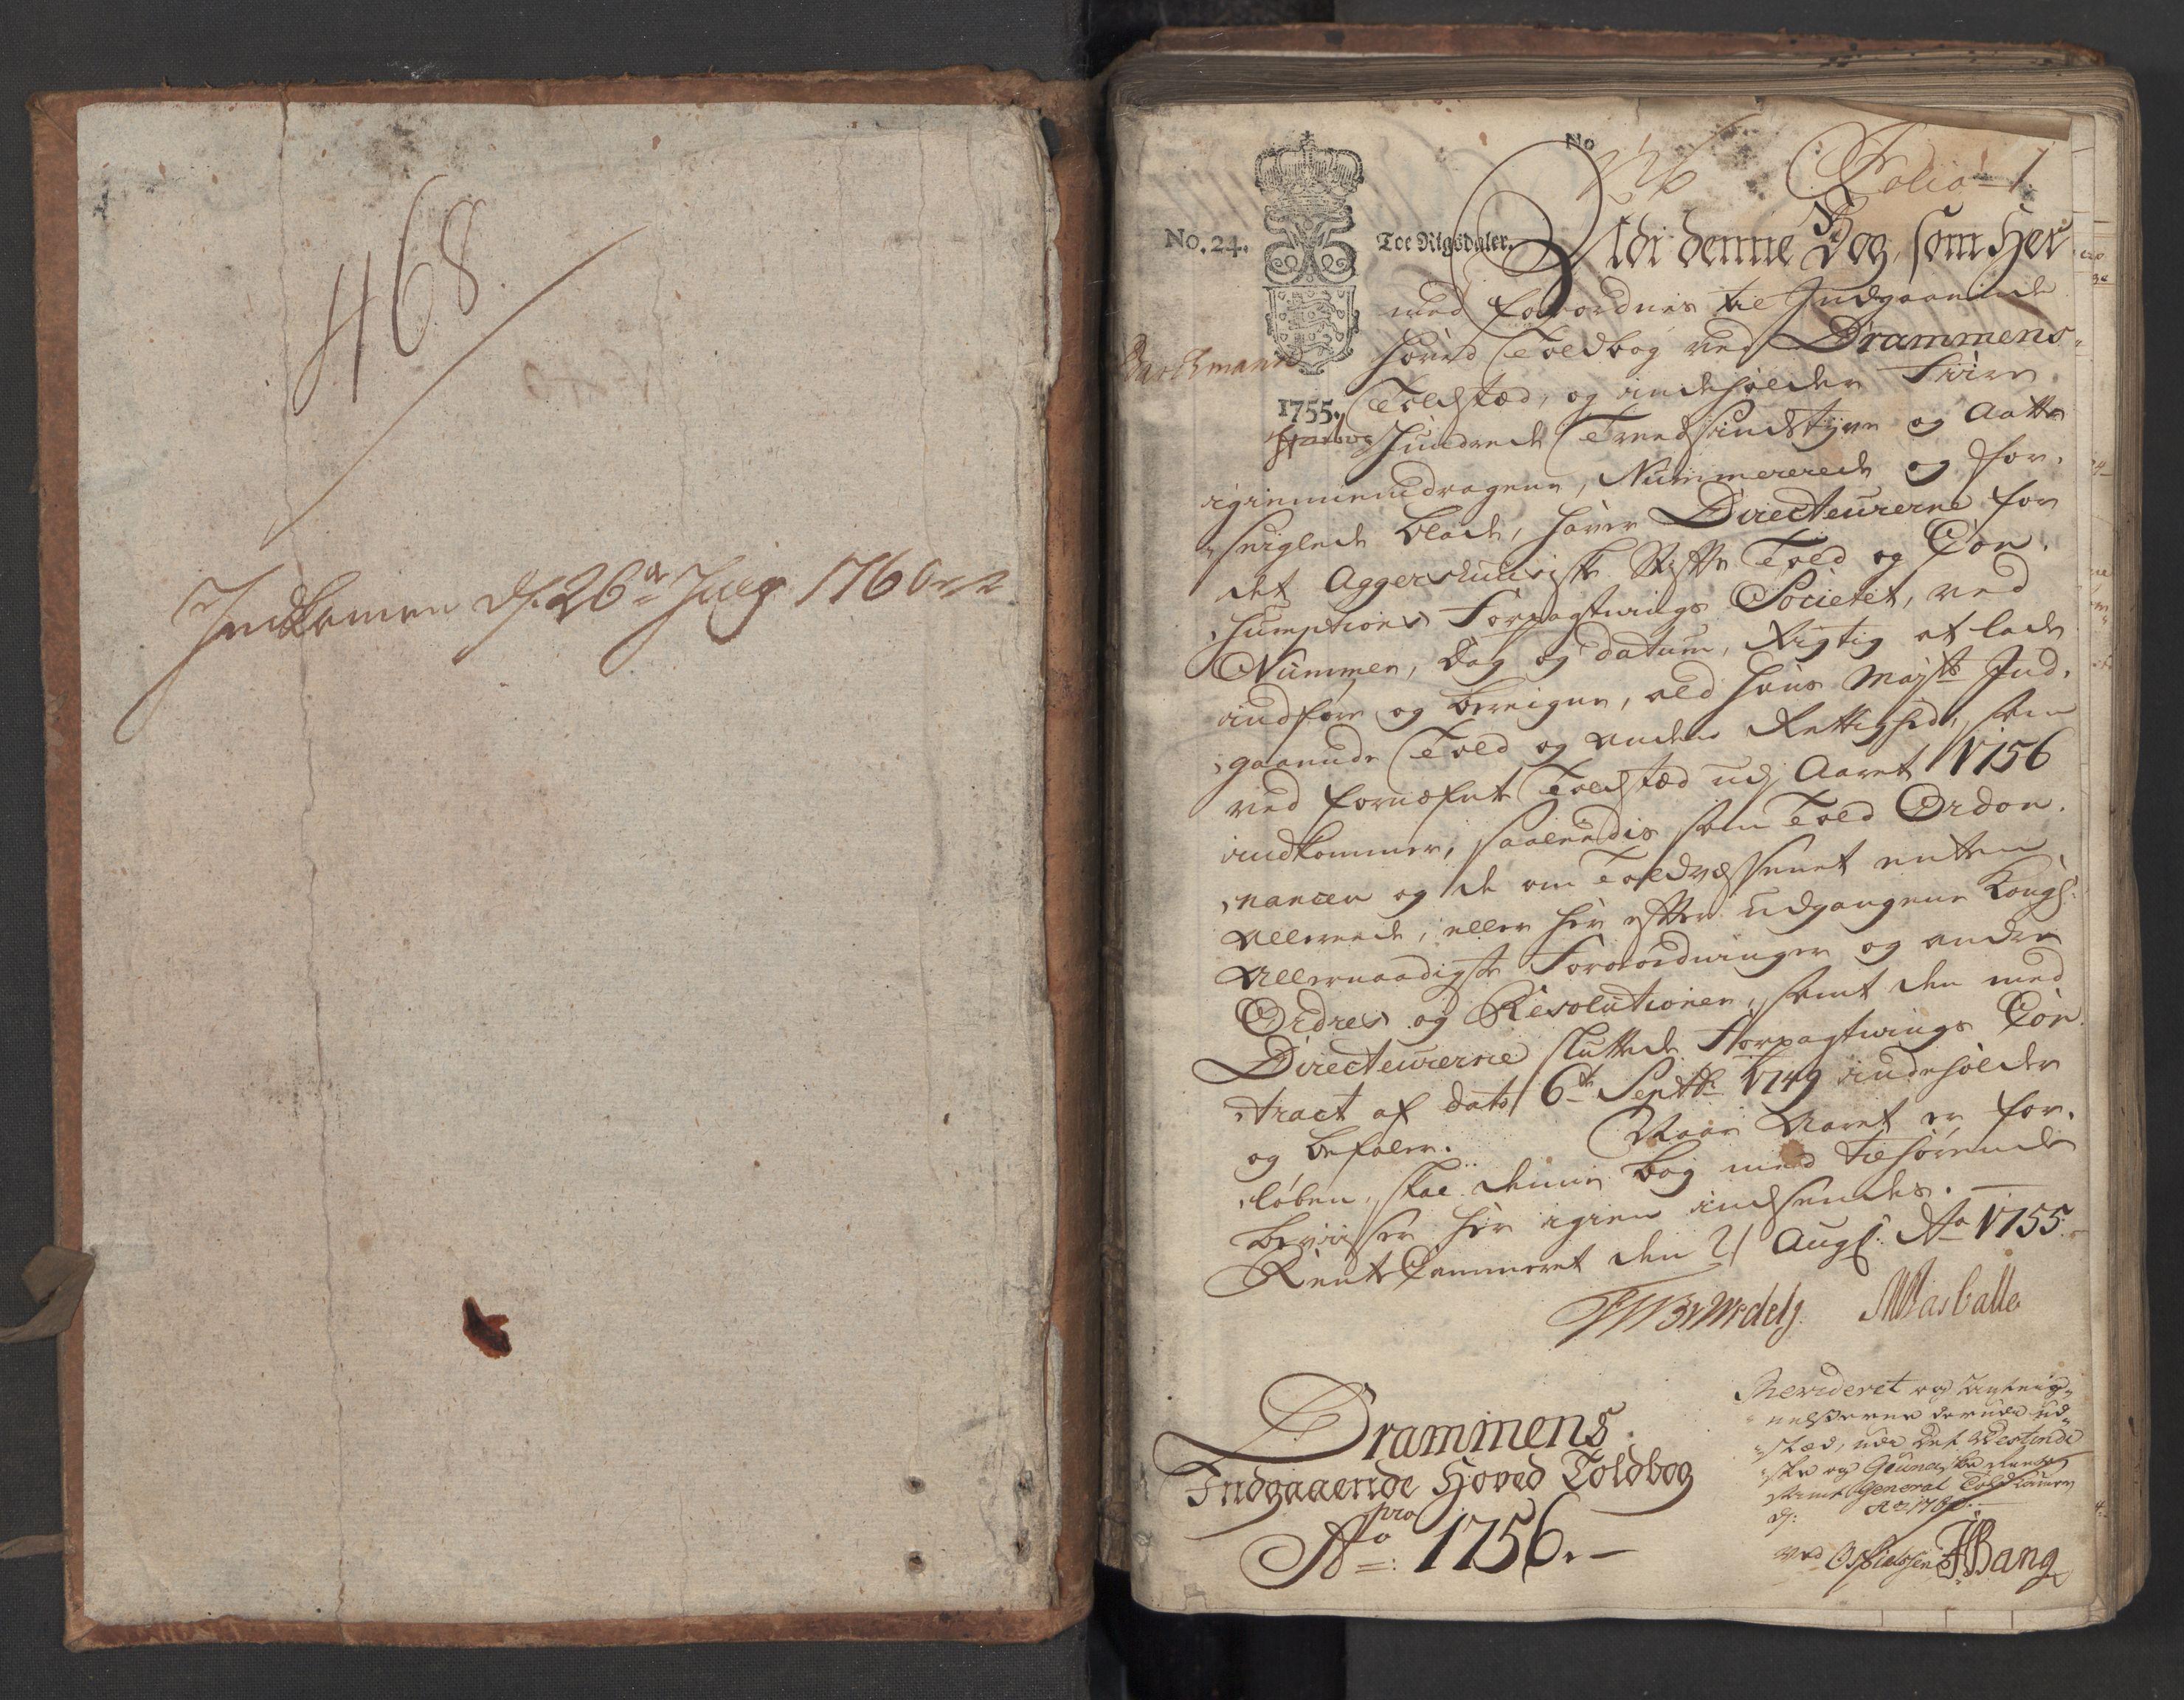 RA, Generaltollkammeret, tollregnskaper, R08/L0034: Tollregnskaper Drammen, 1756, s. 1a